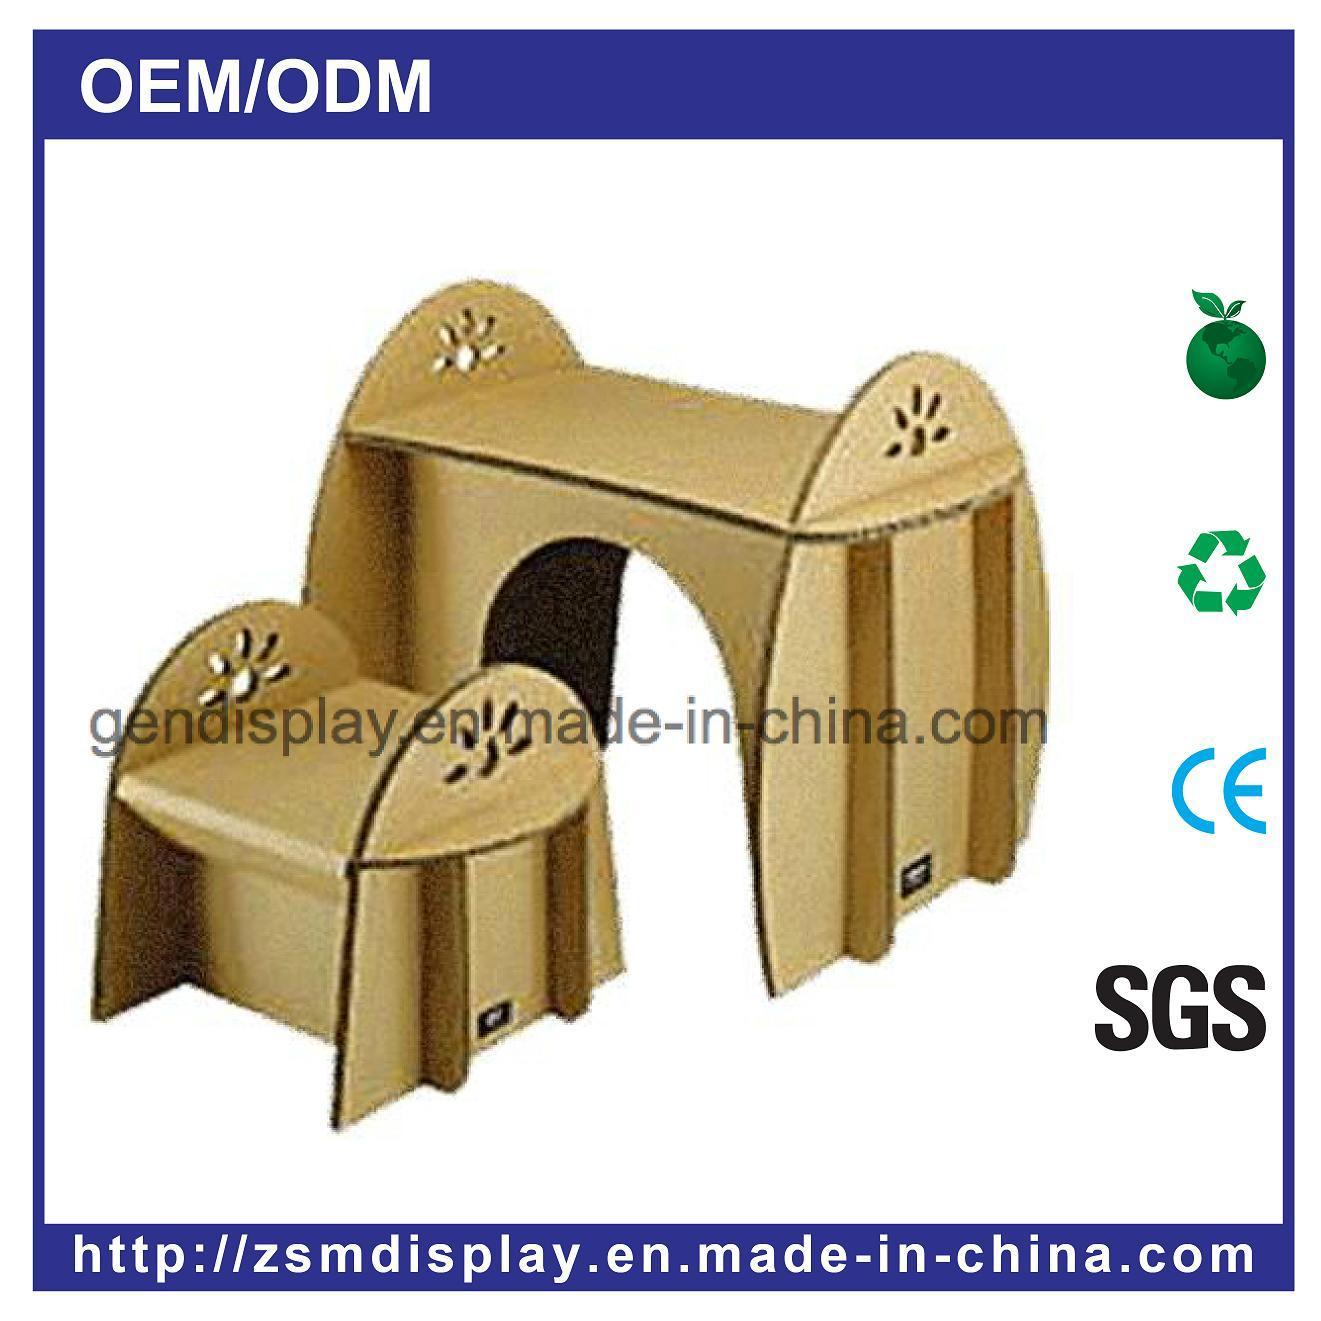 Muebles de papel gen cf003 muebles de papel gen cf003 - Muebles de papel ...